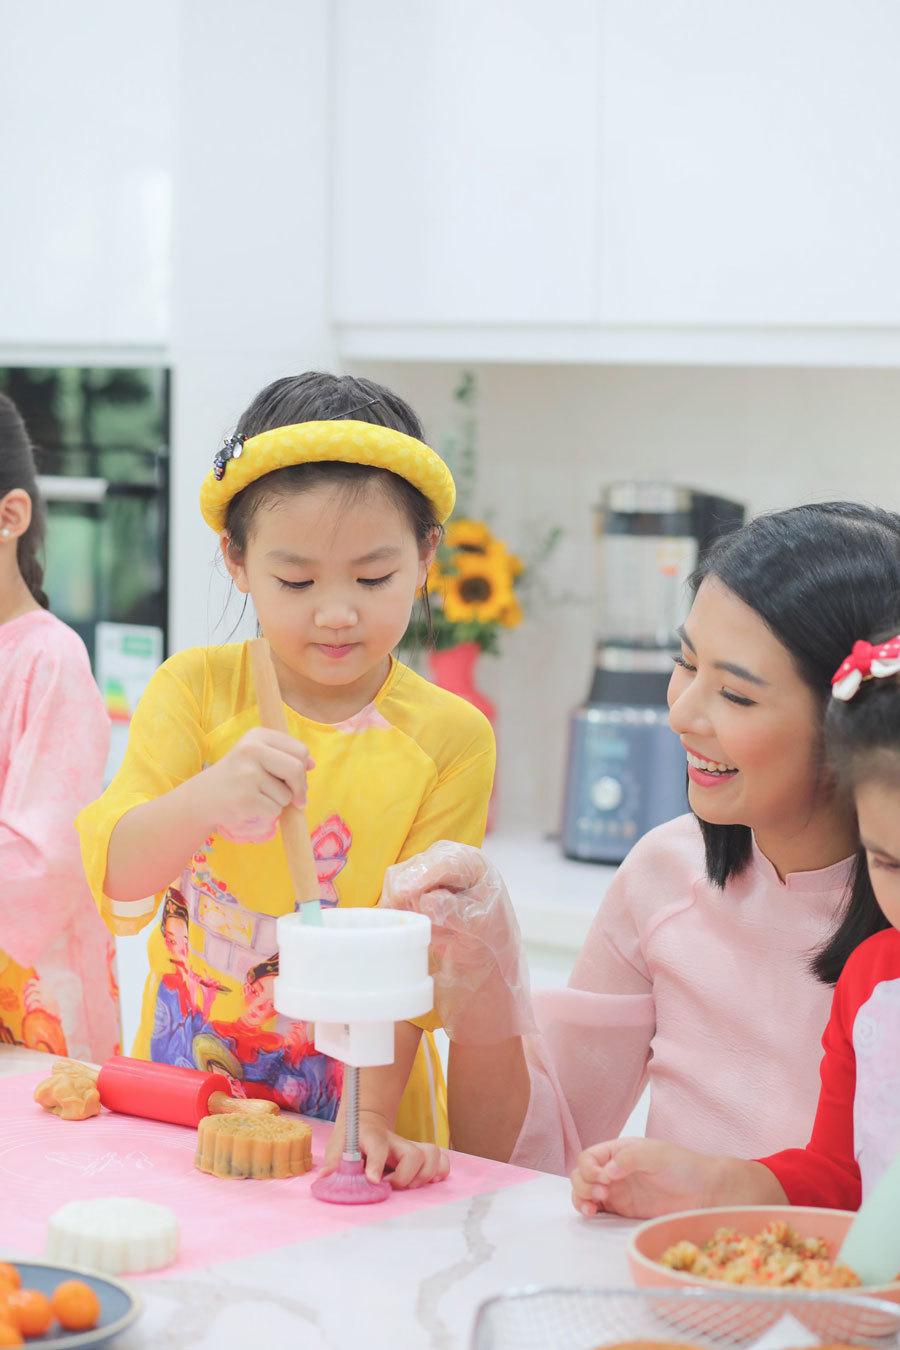 Hoa hậu Ngọc Hân làm bánh trung thu tặng người thân